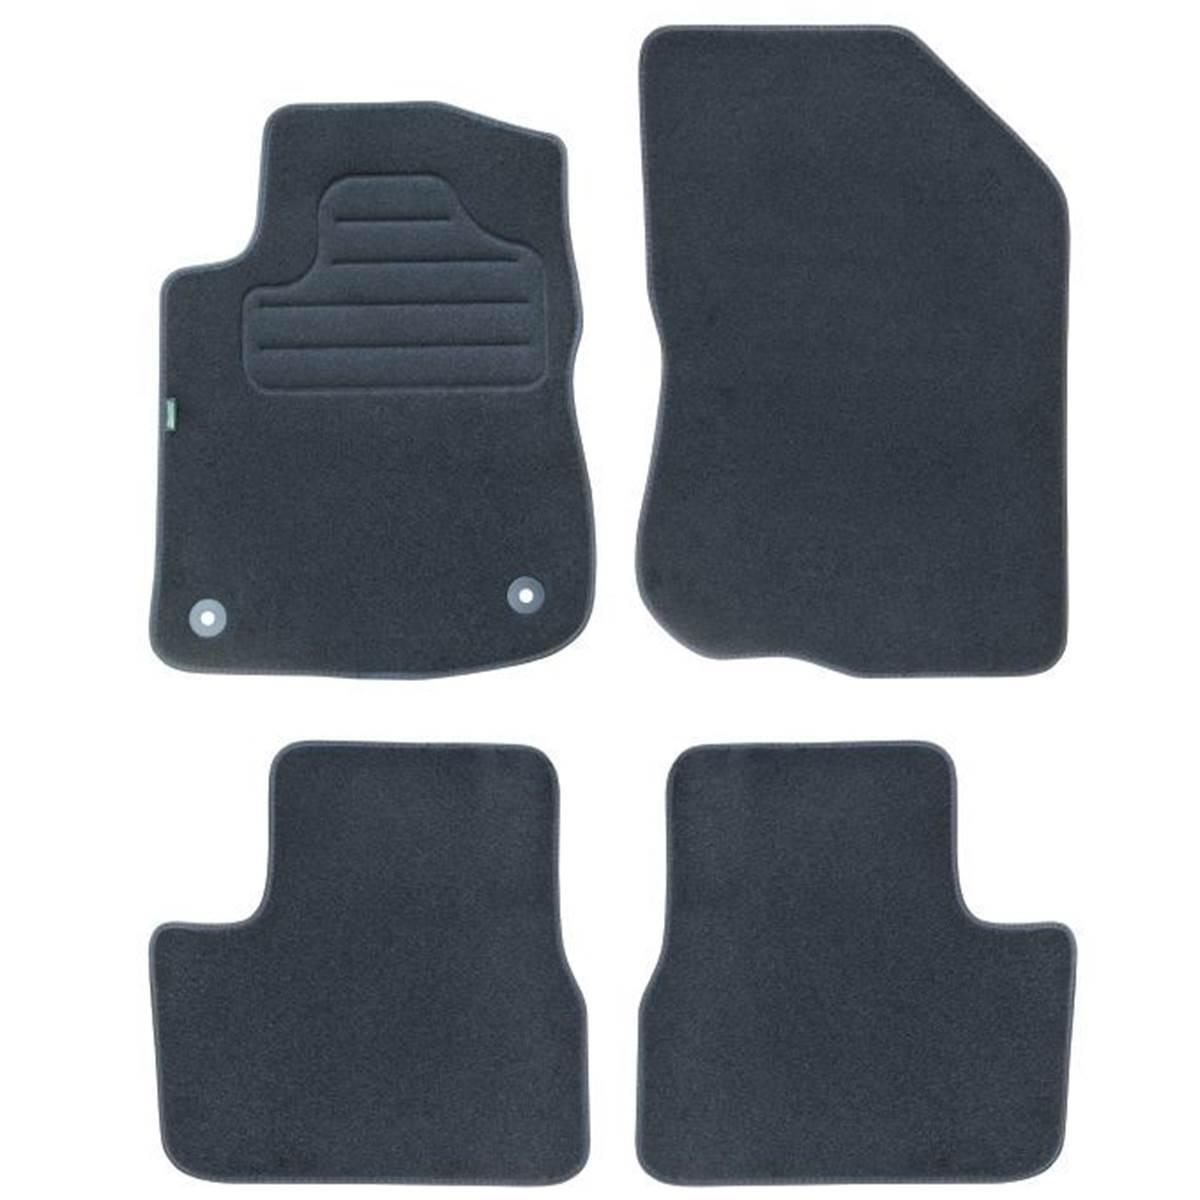 4 tapis sur mesure moquette noire pour Peugeot 208 I 2008 I Feu Vert